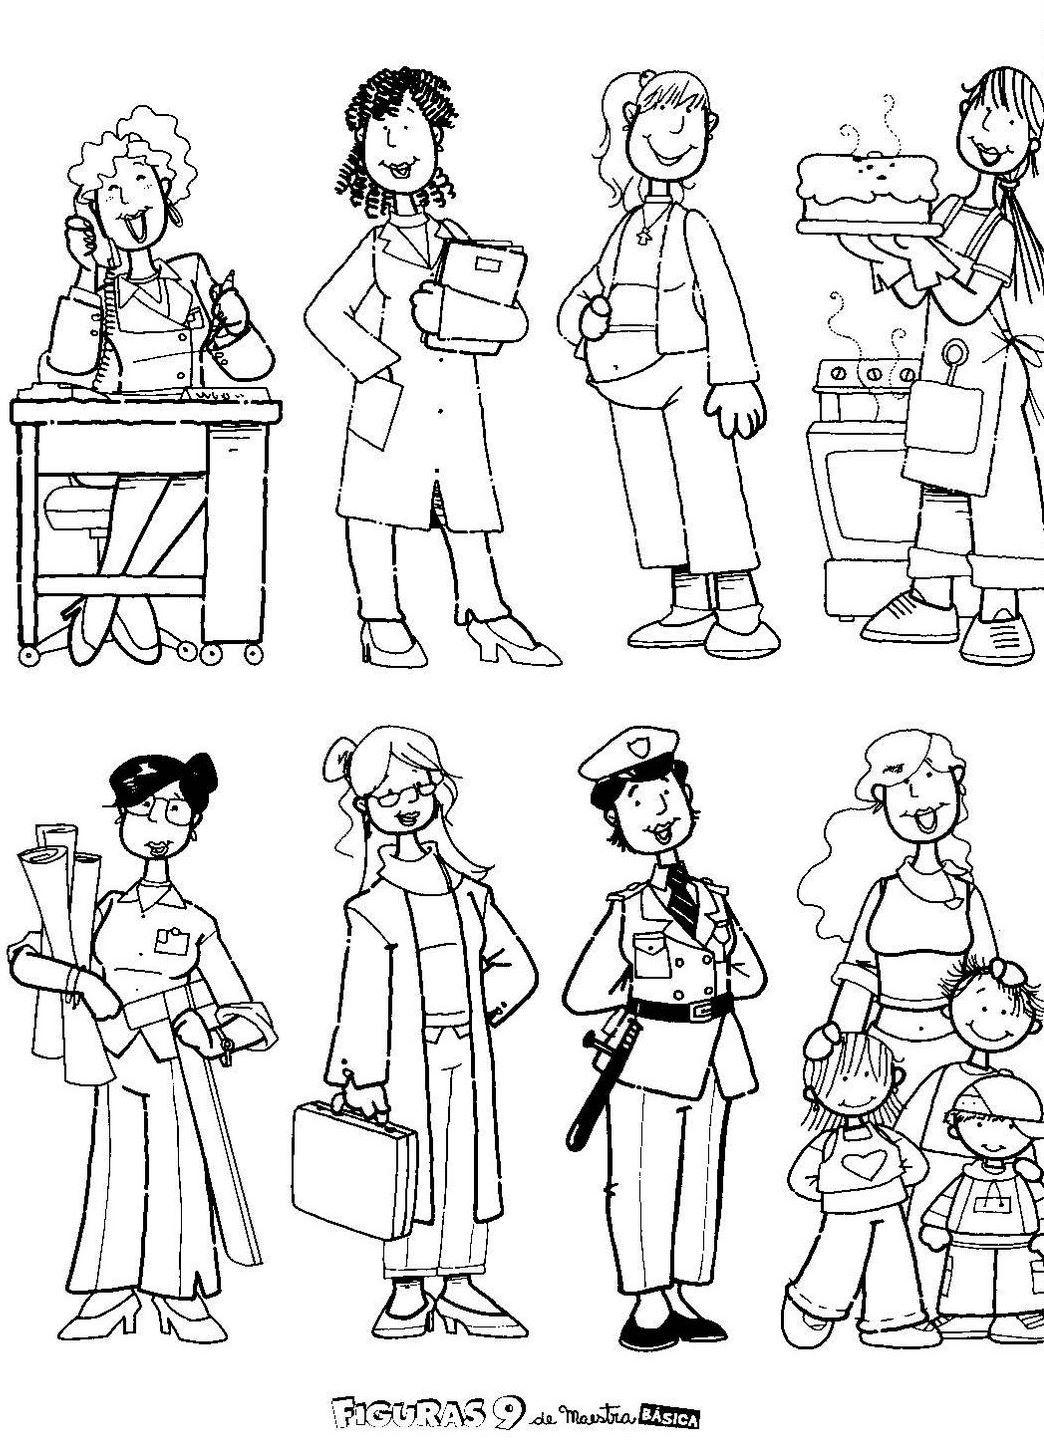 Para Imprimir Ampliar Ou Salvar Os Desenhos Das Mulheres   Clique No